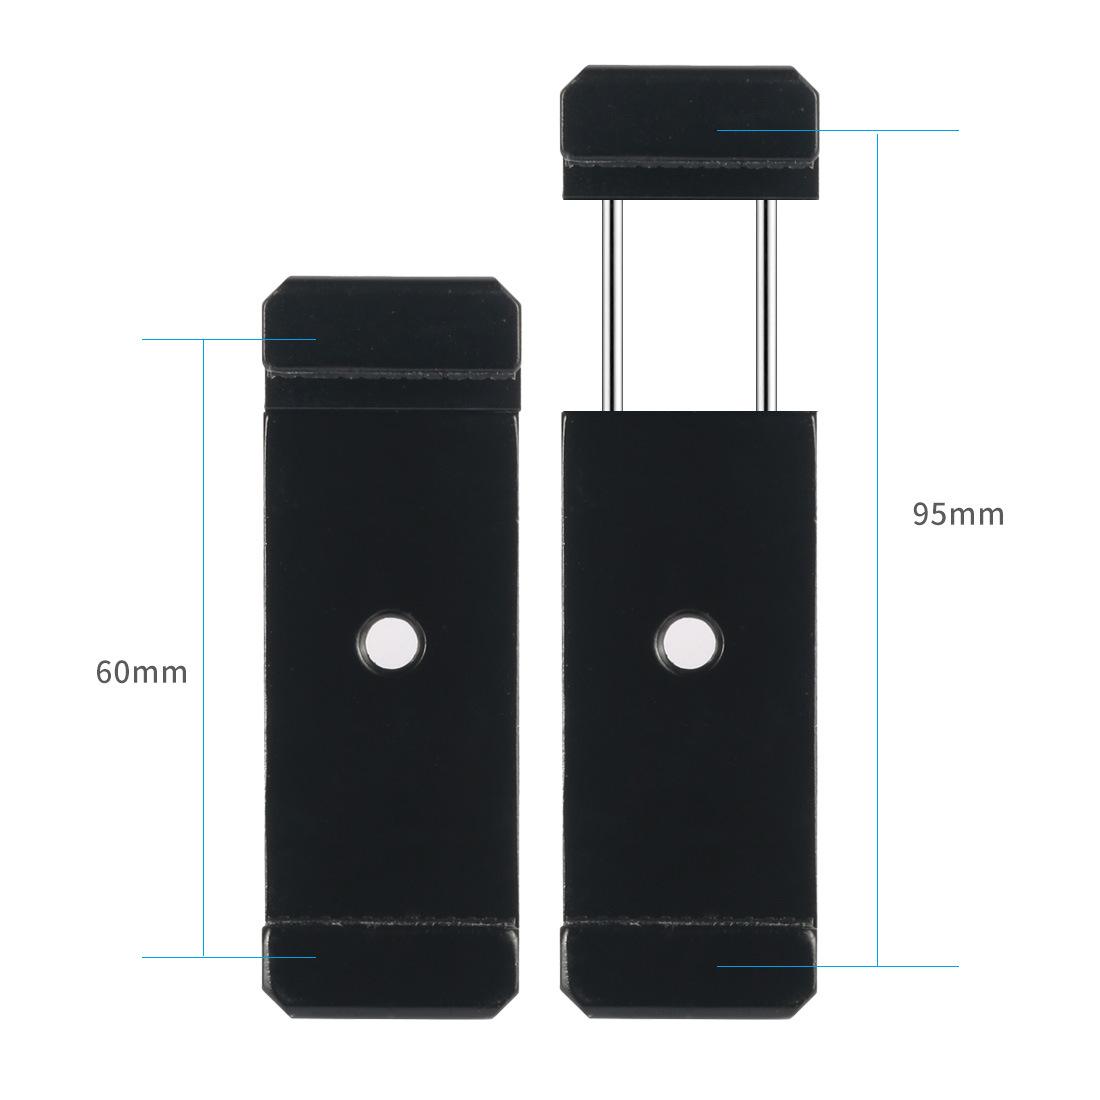 鋁合金菱形雙孔手機夾 補光燈熱靴夾 大屏手機自拍杆金屬夾